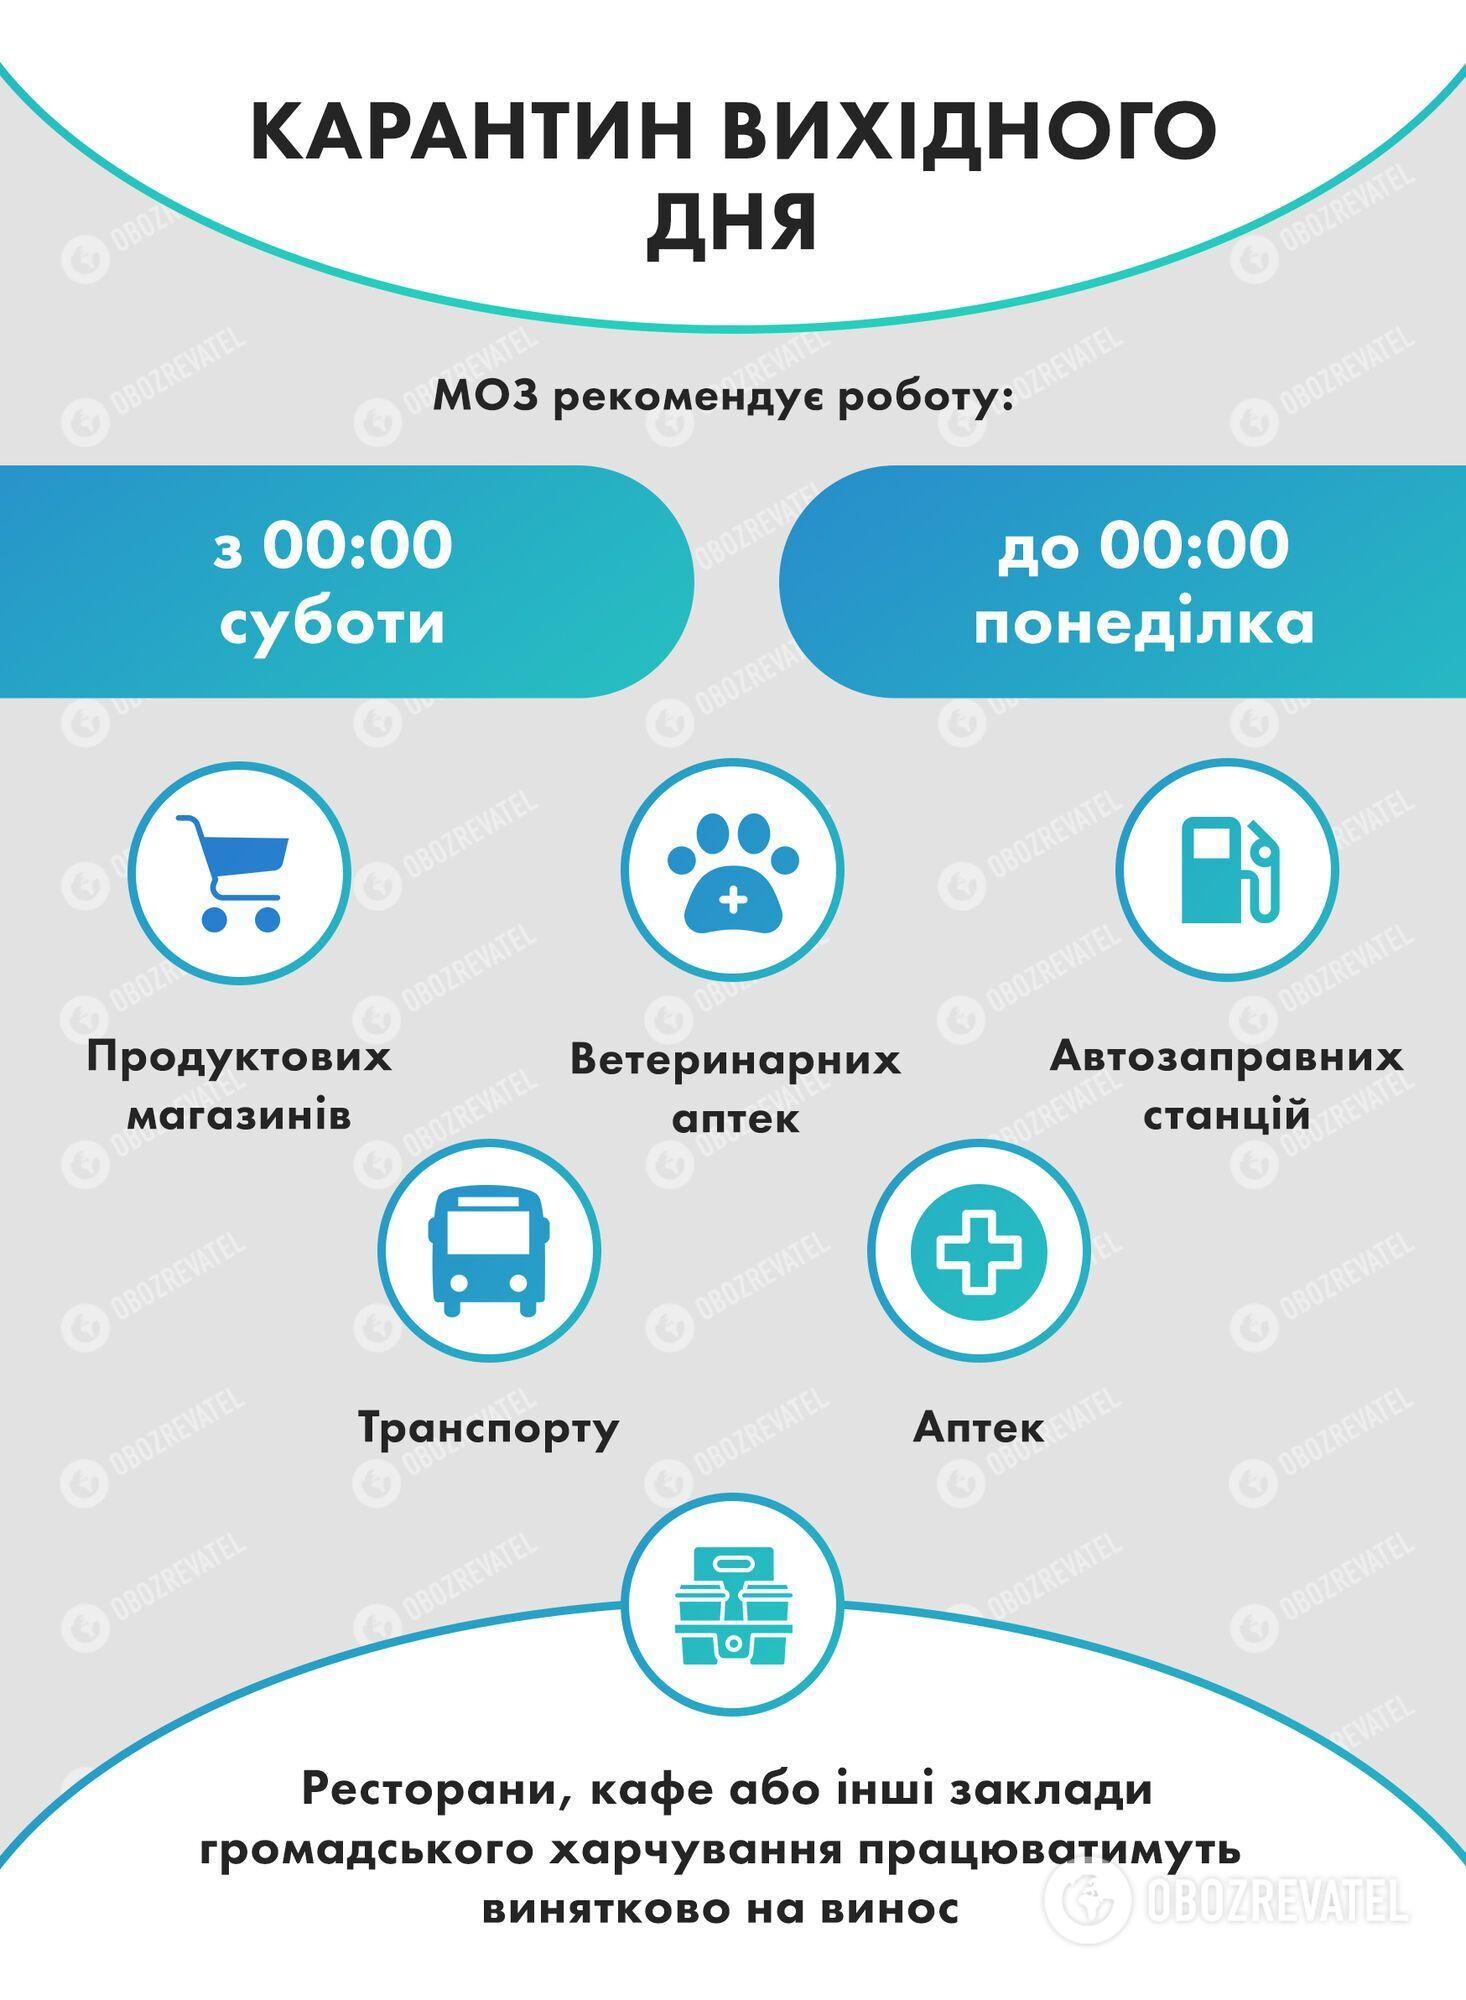 В Україні введуть карантин вихідного дня